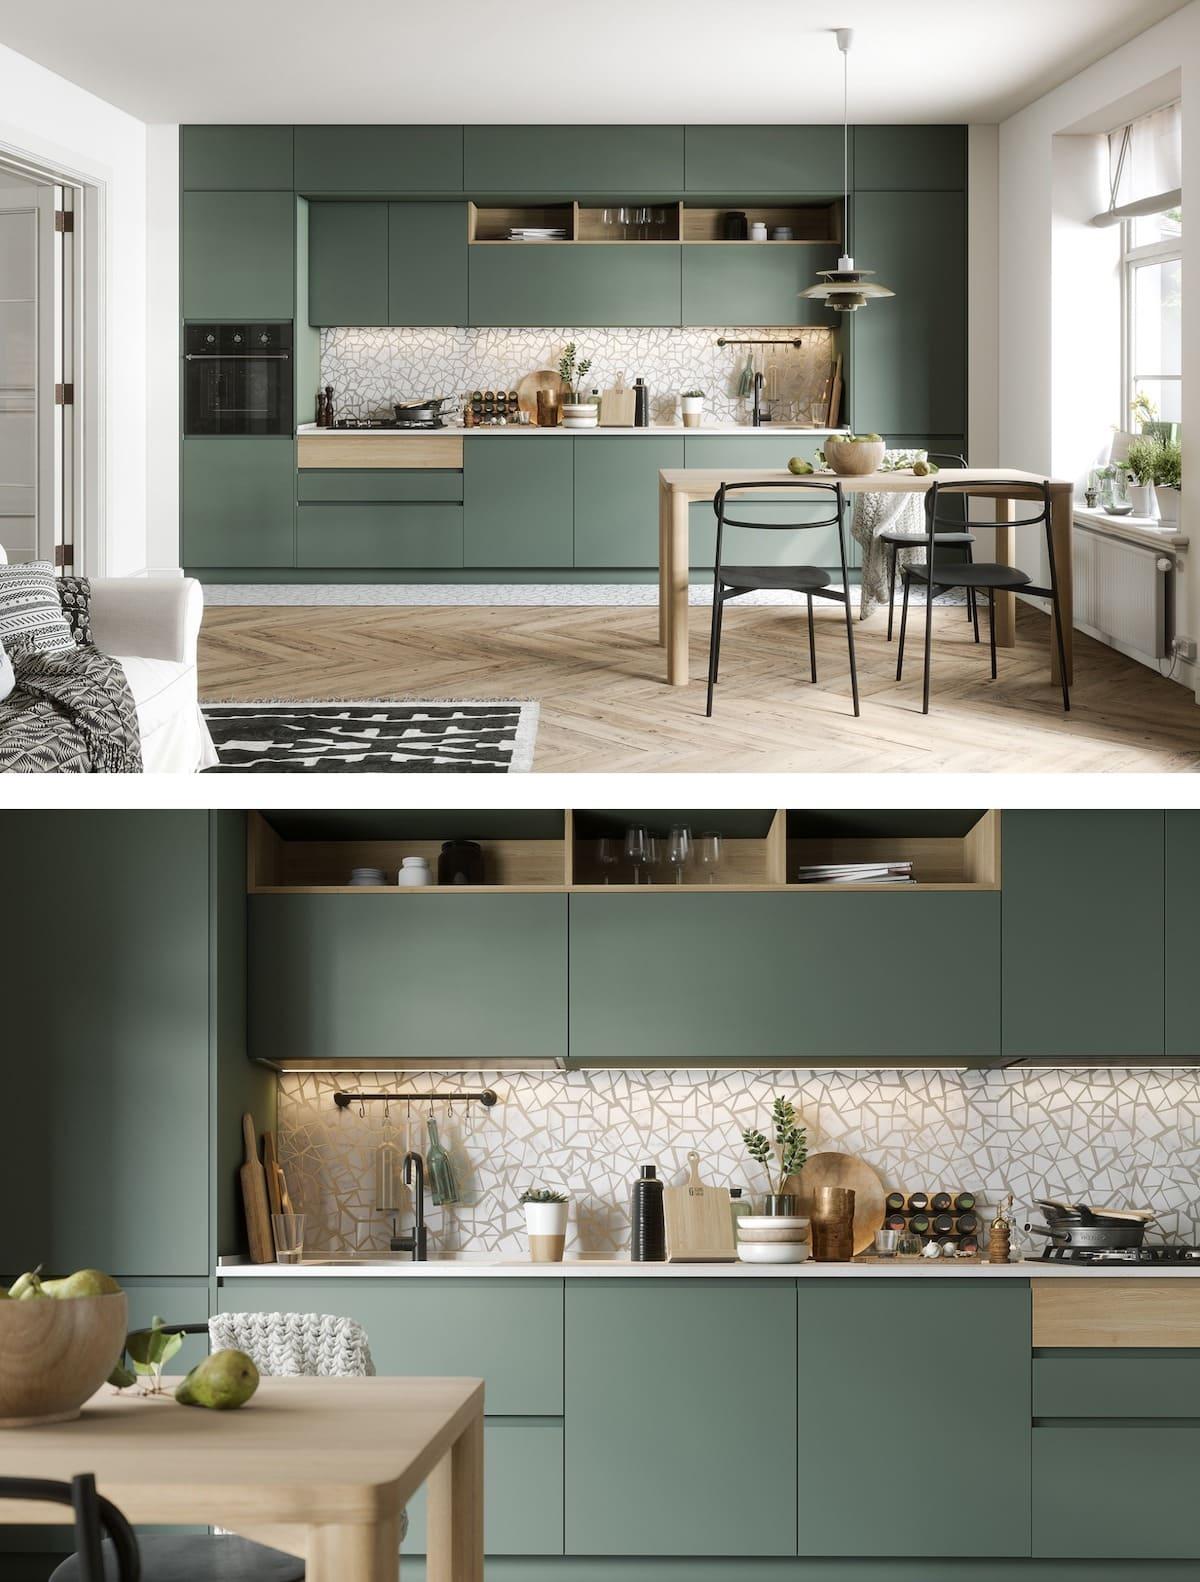 модный интерьер кухни фото 6